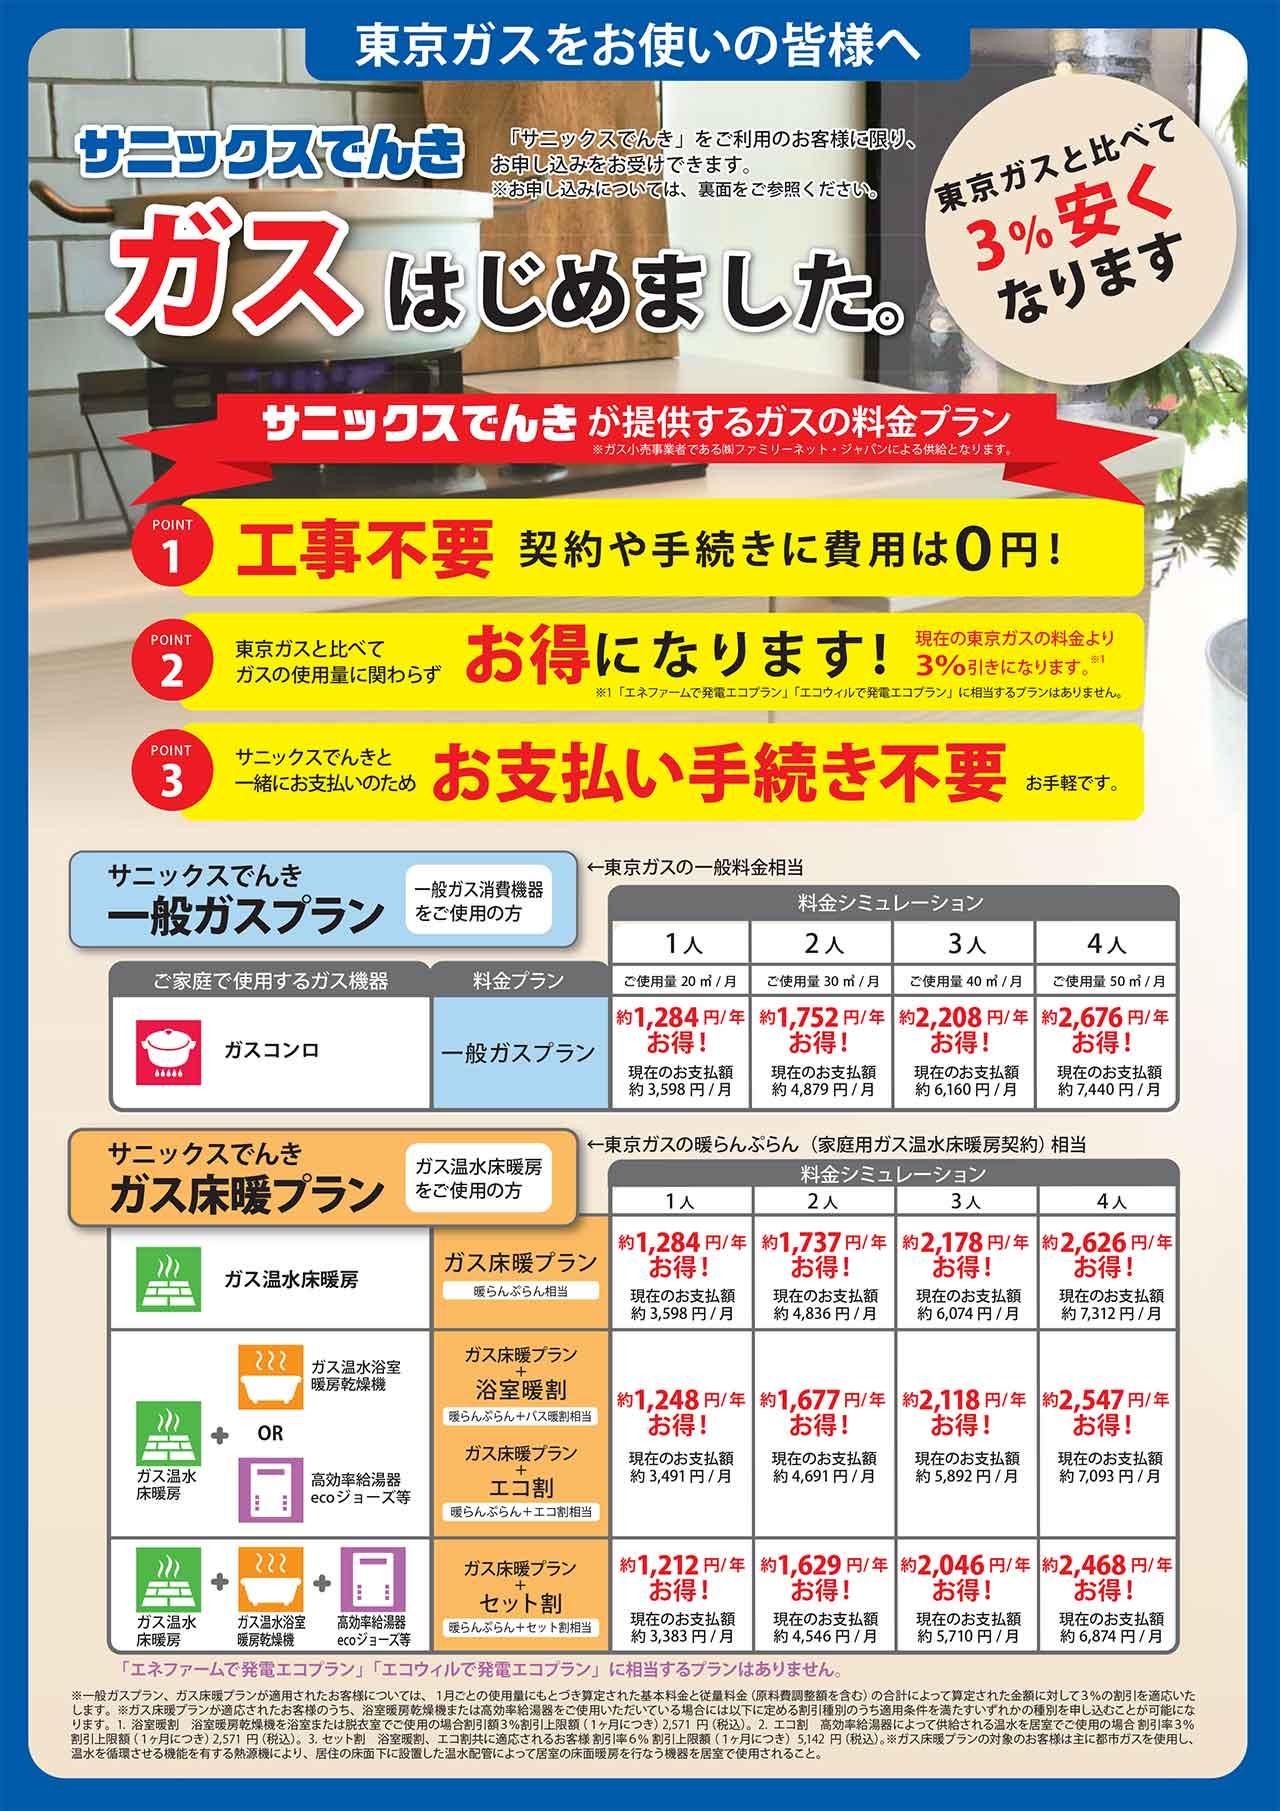 東京 ガス 電気 シミュレーション